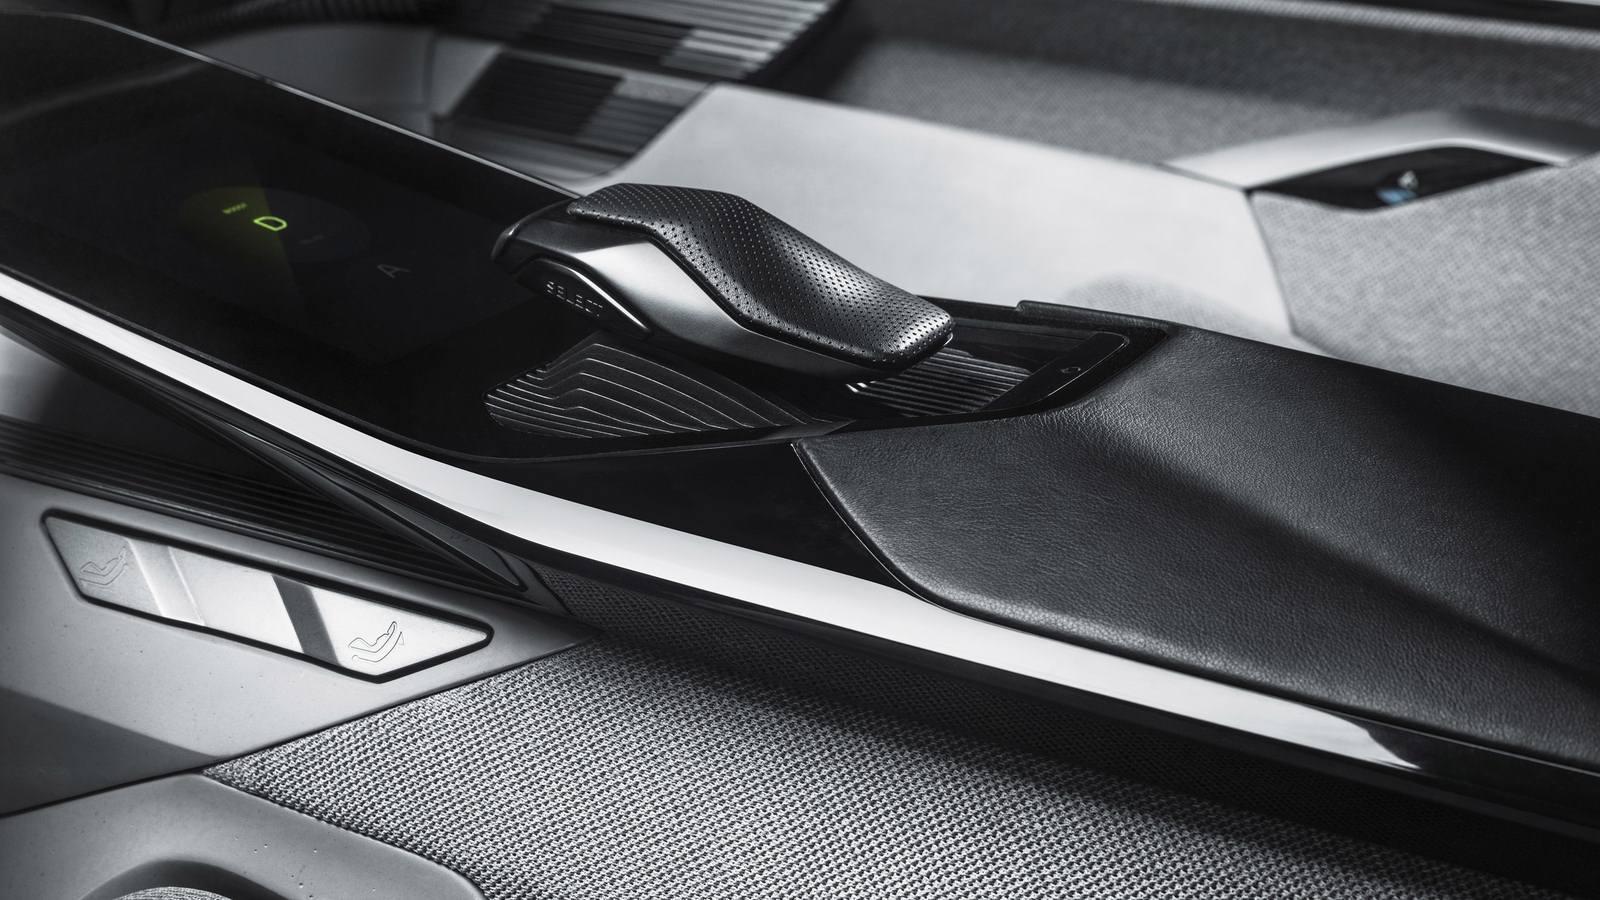 2017-Peugeot-Instinct-Concept-Interior-08